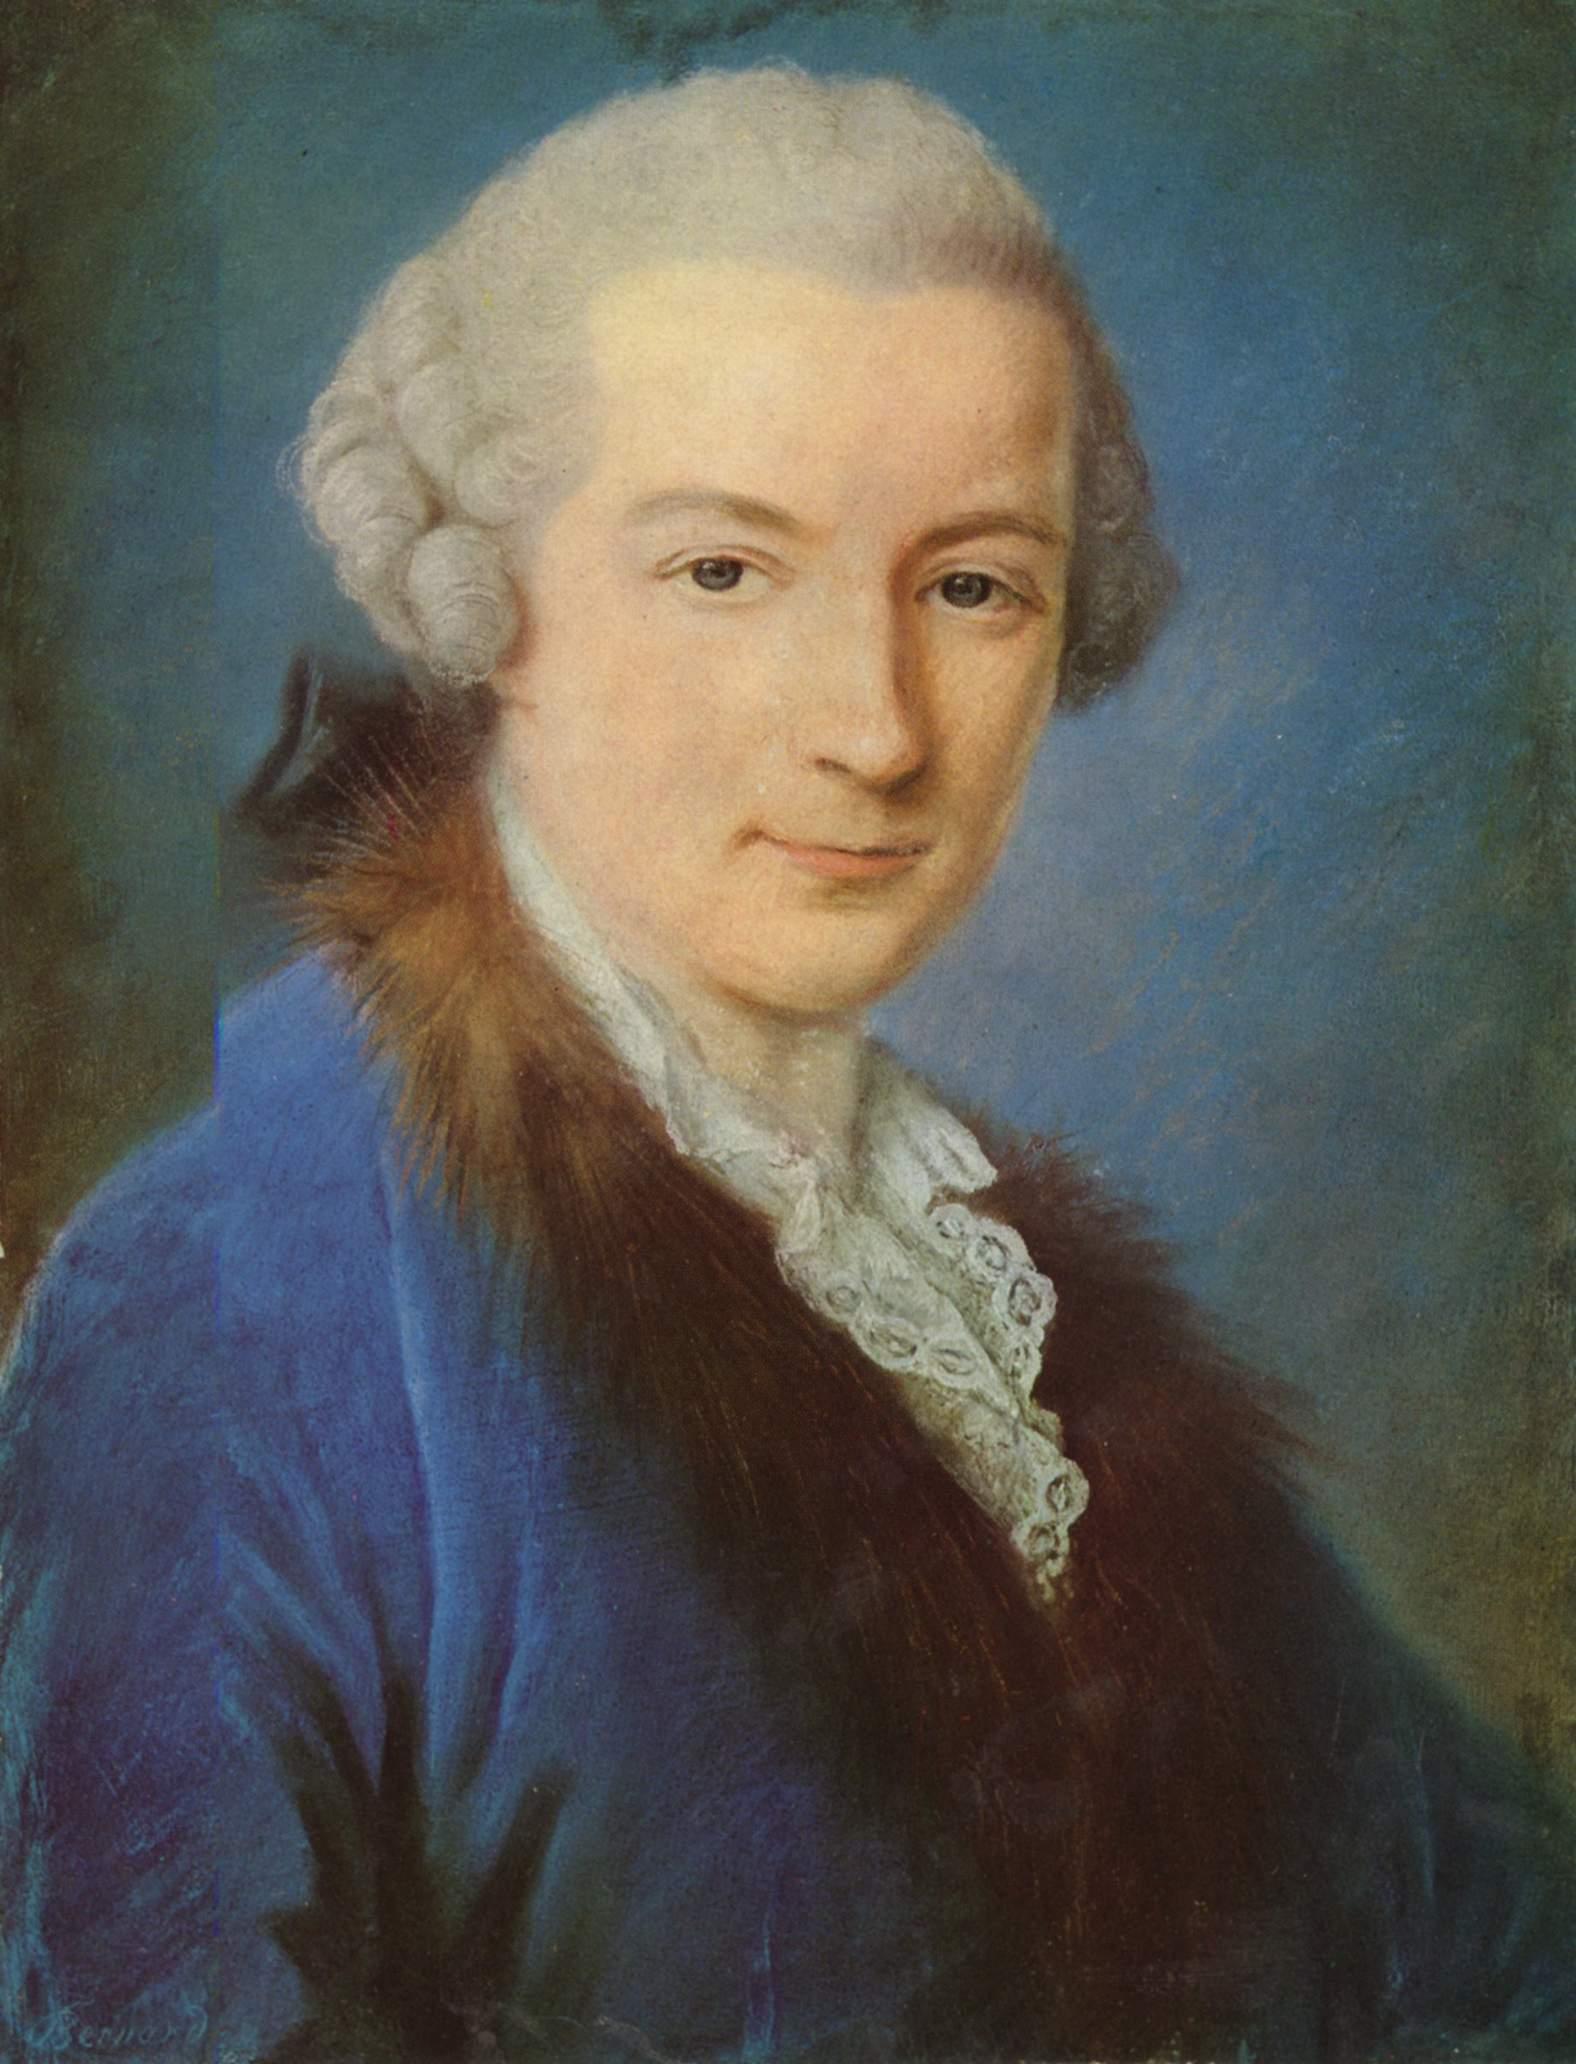 Pierre bernard peintre wikiwand for Bernard peintre